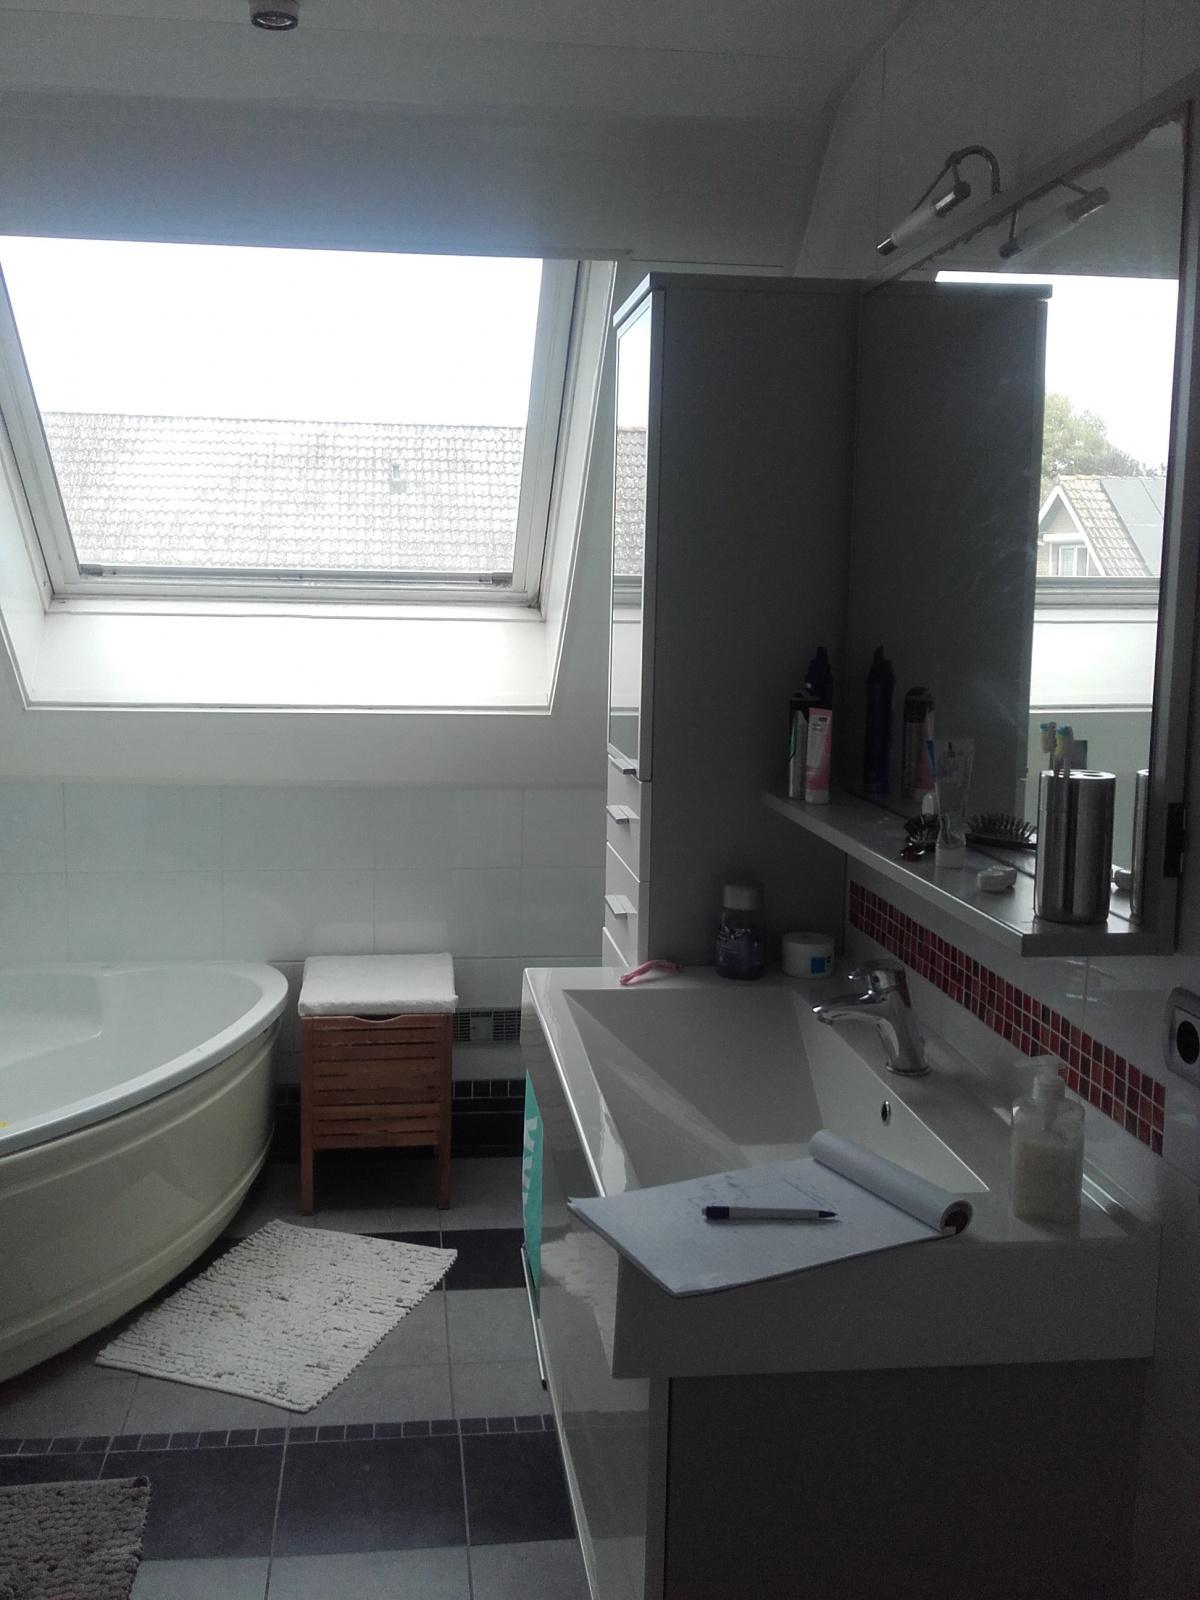 Home > Projecten > Dakkapel met badkamer - Sonke Bouwbedrijf